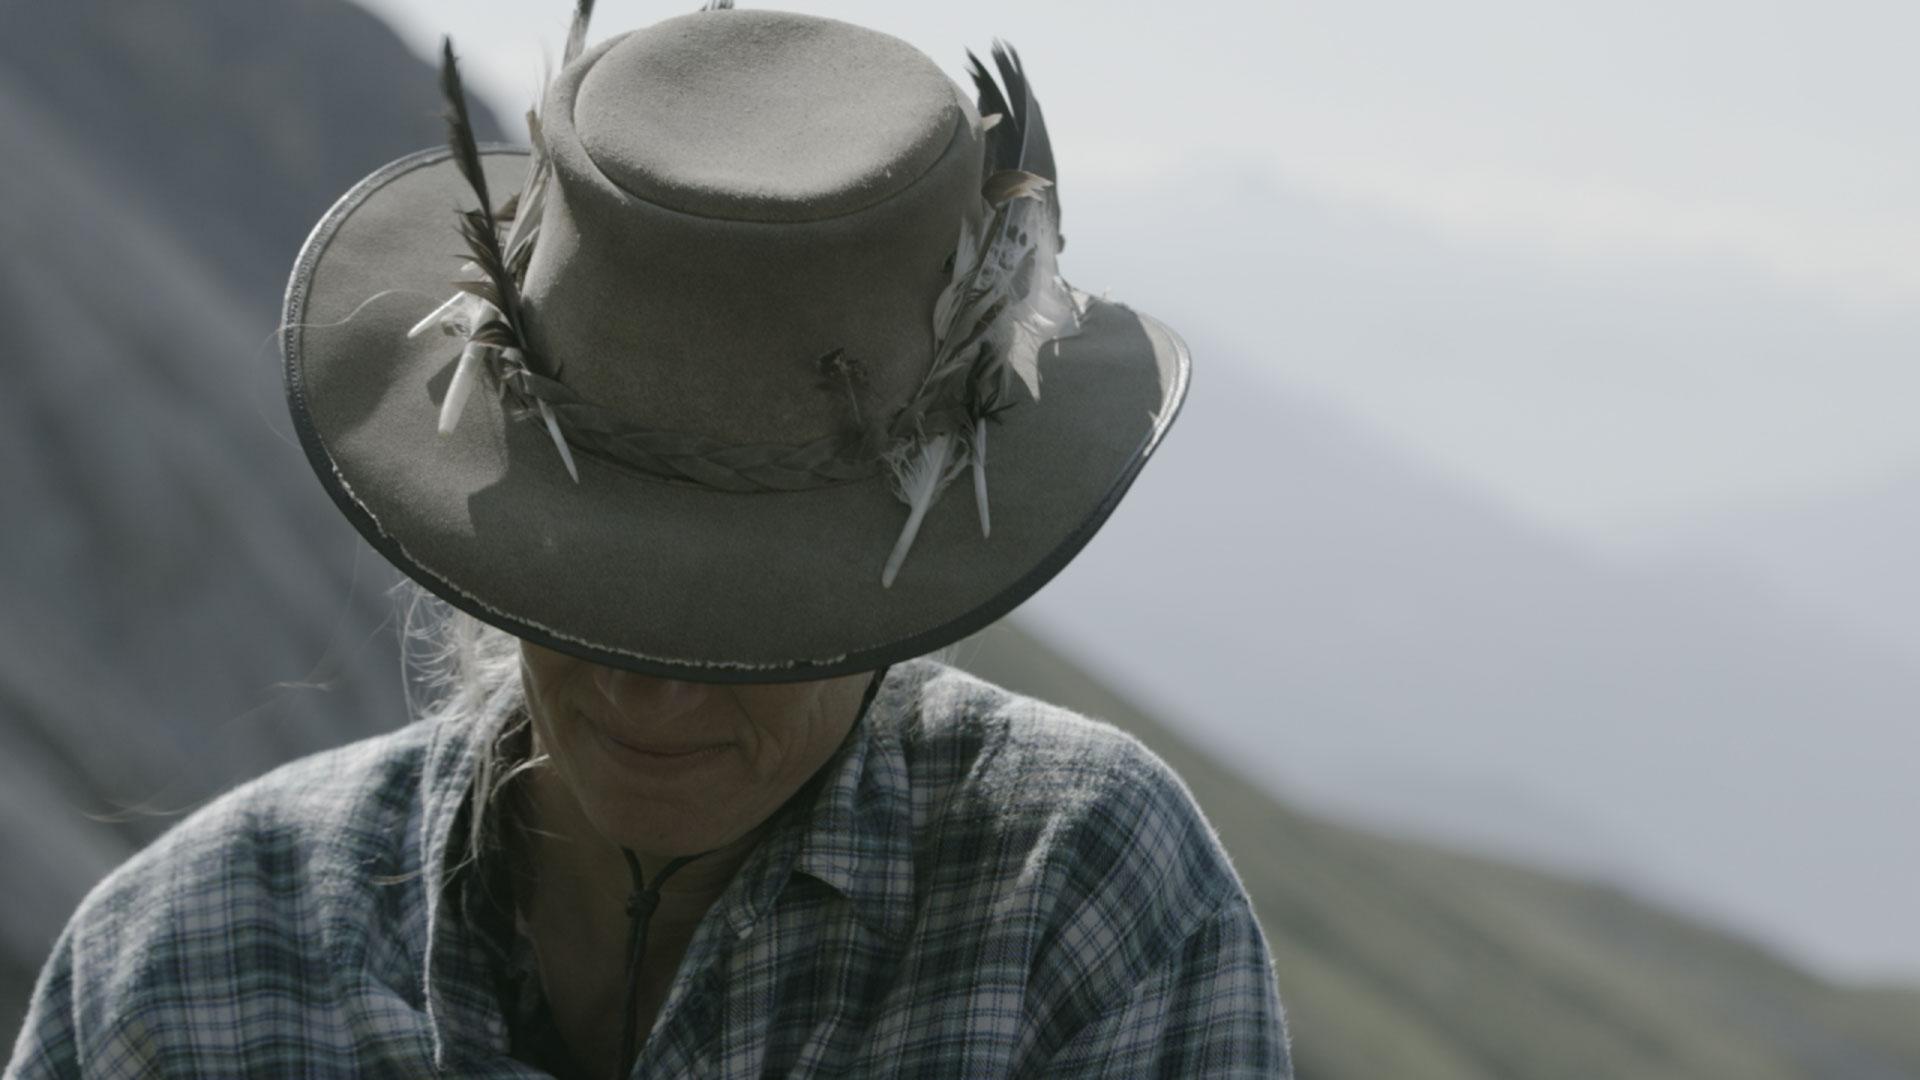 Hirtin mit Hut, der Federn trägt